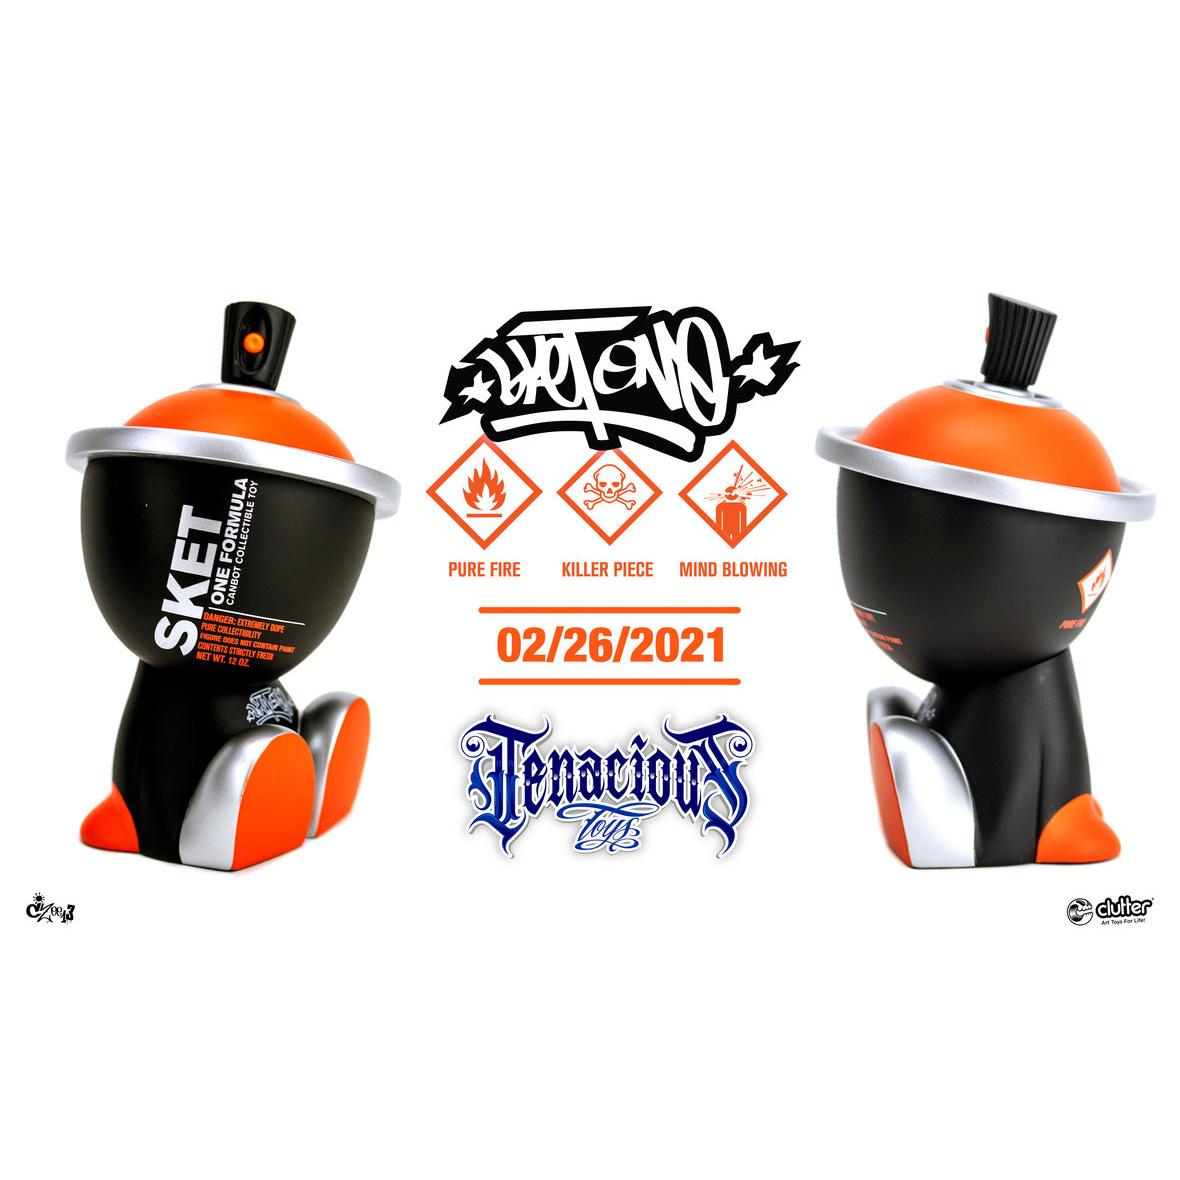 One Formula Clockwork Orange Canbot by Sket One